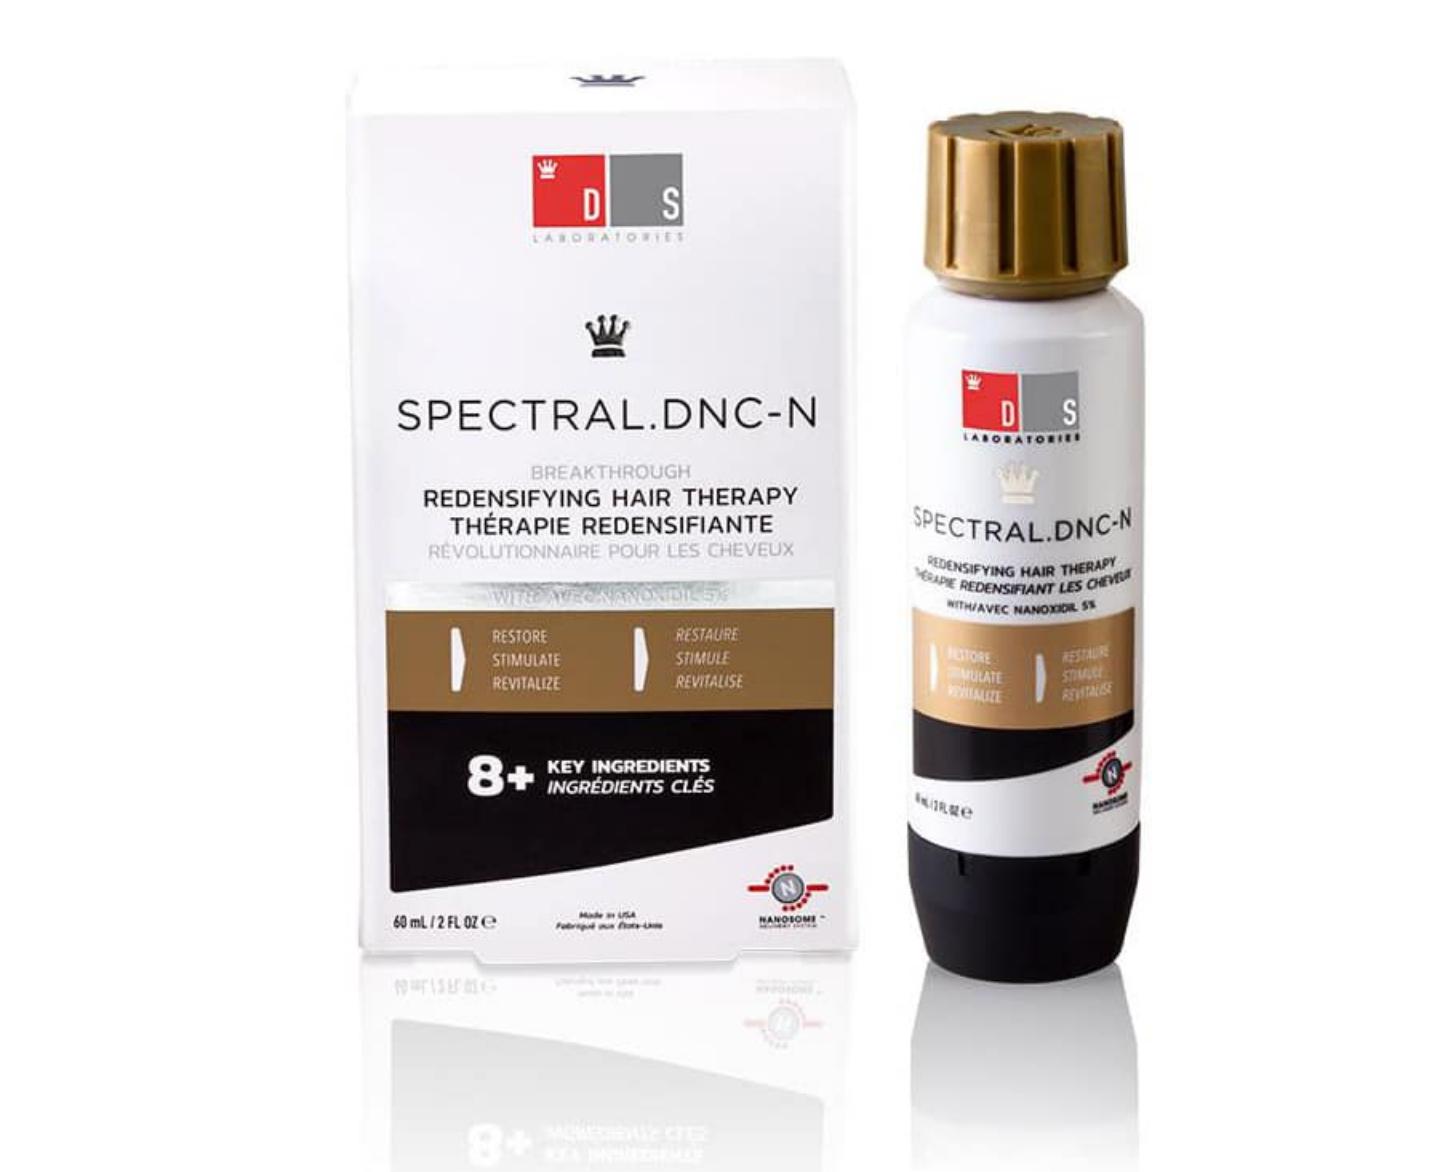 Bestel 3 lotions Spectral DNC-N en betaal €27,52 p.s. in plaats van €43 @Verbeterhaar